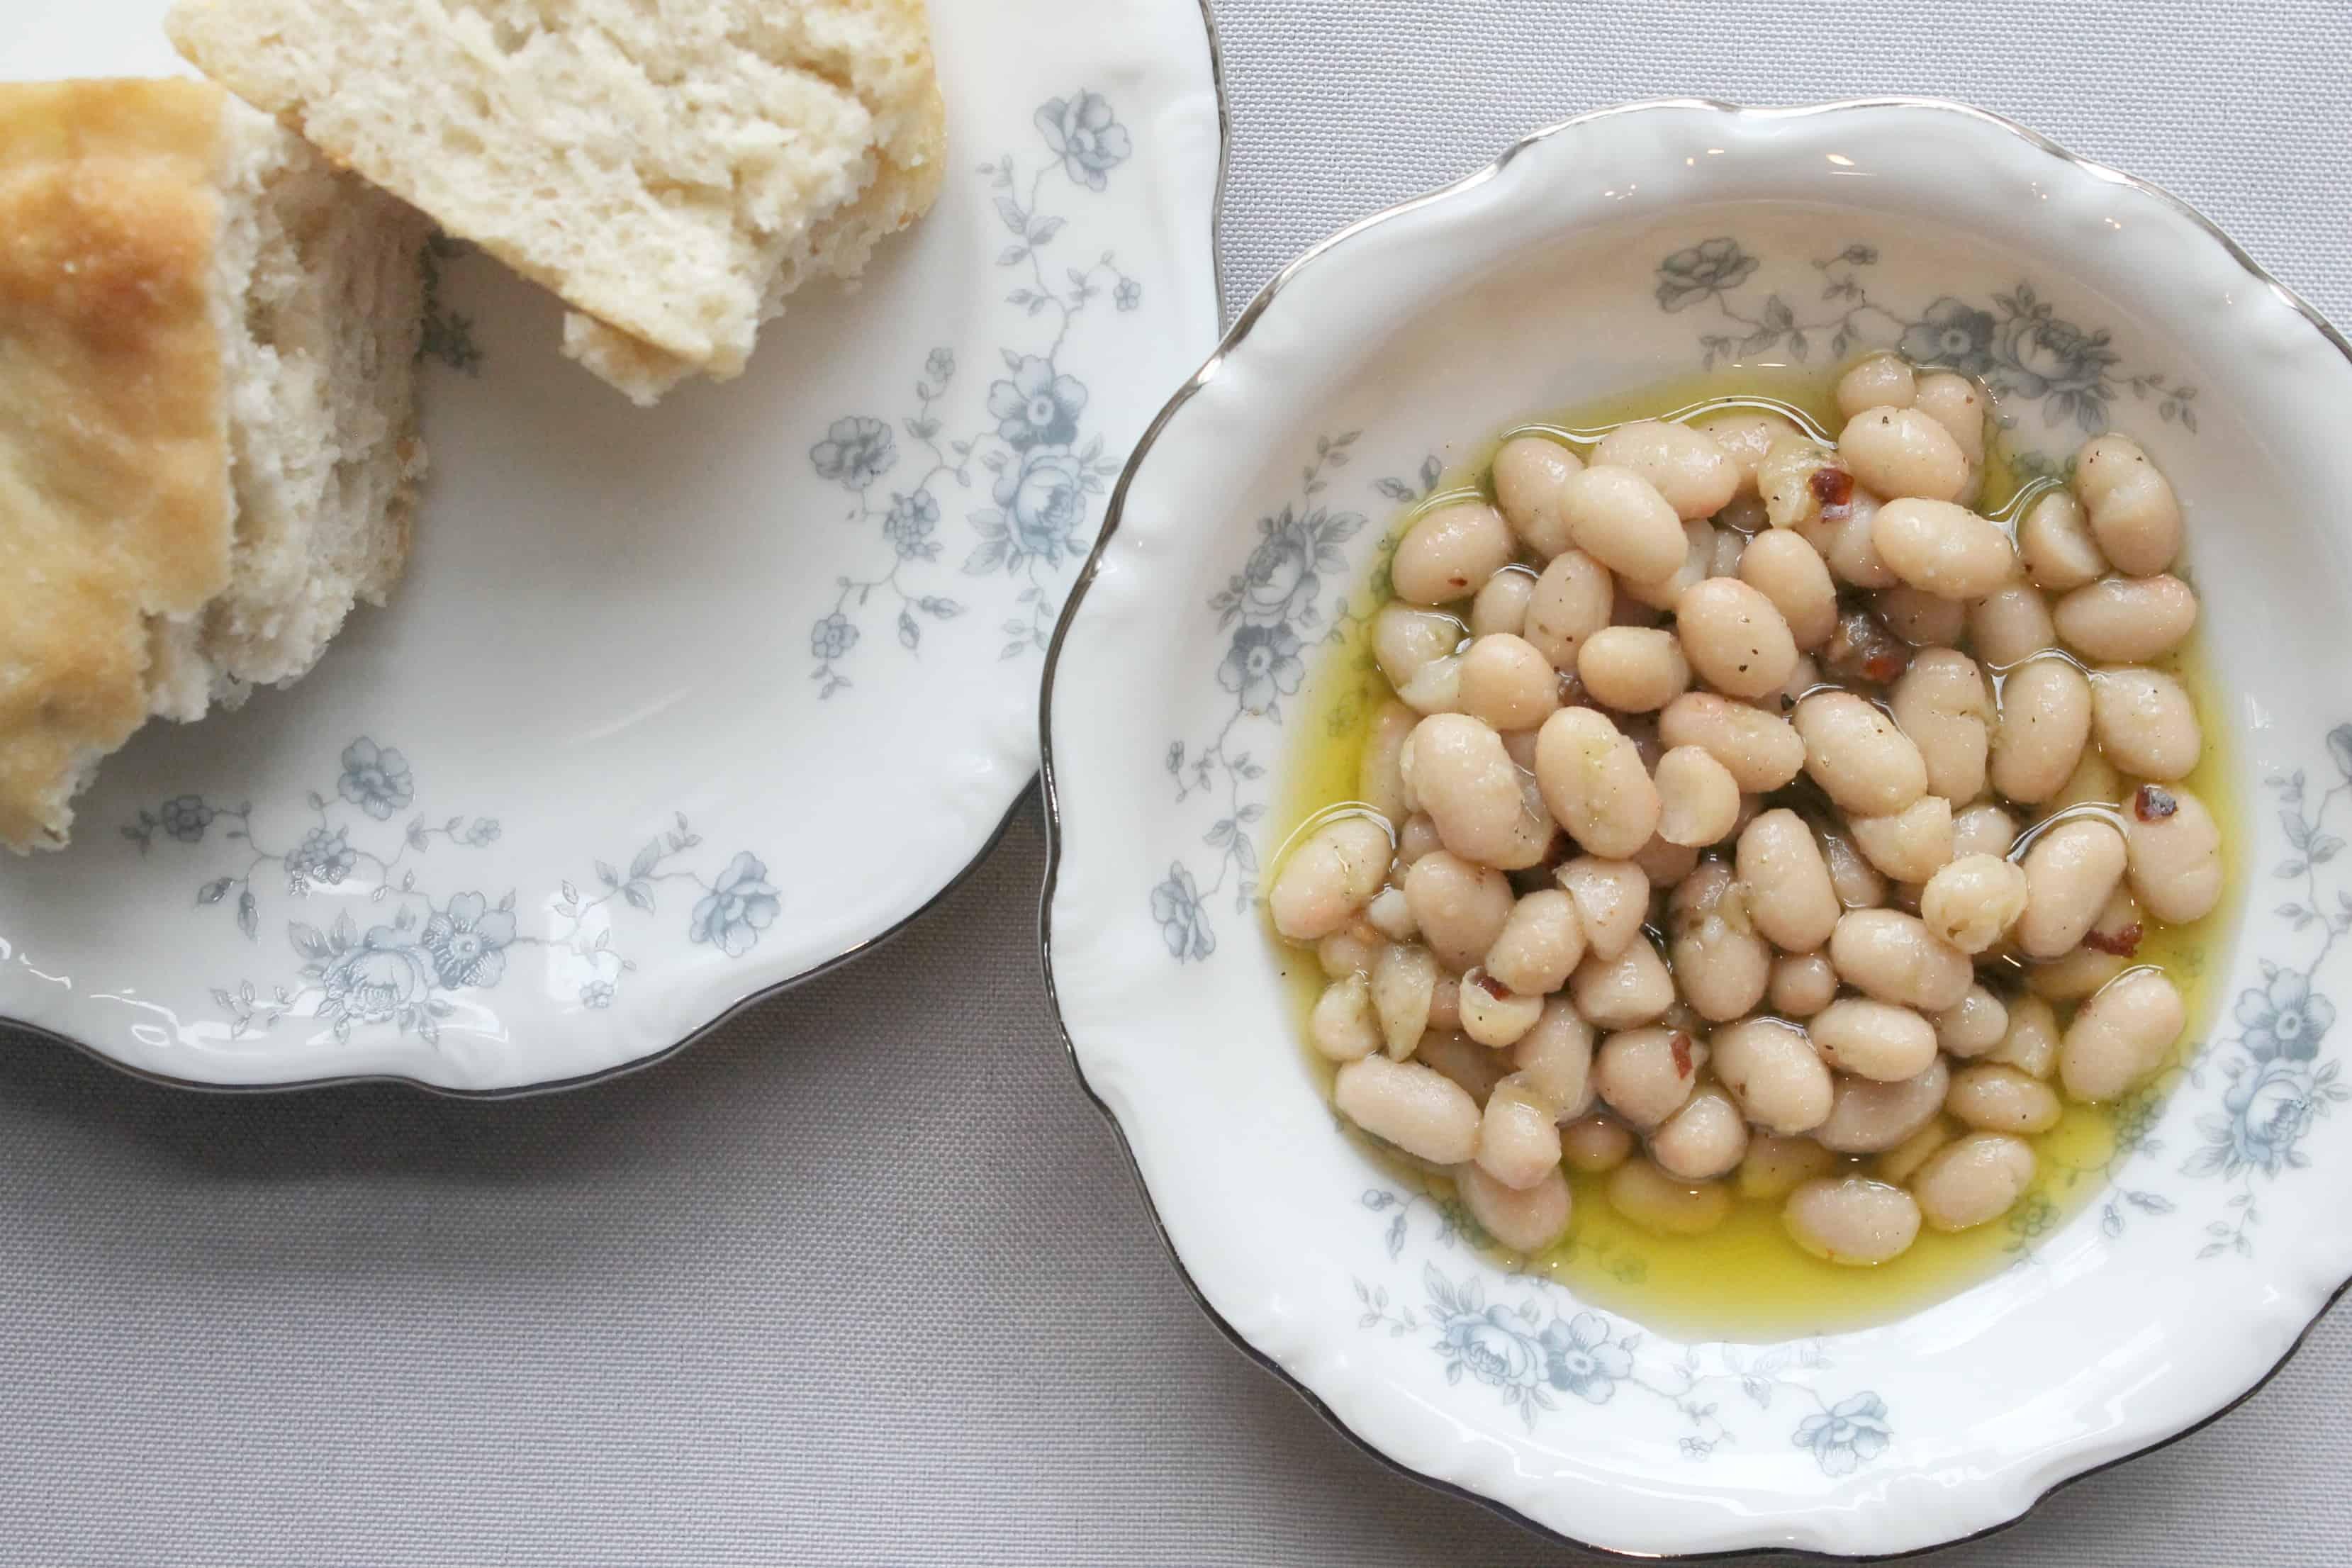 How to Make Irresistible Italian White Bean Dip